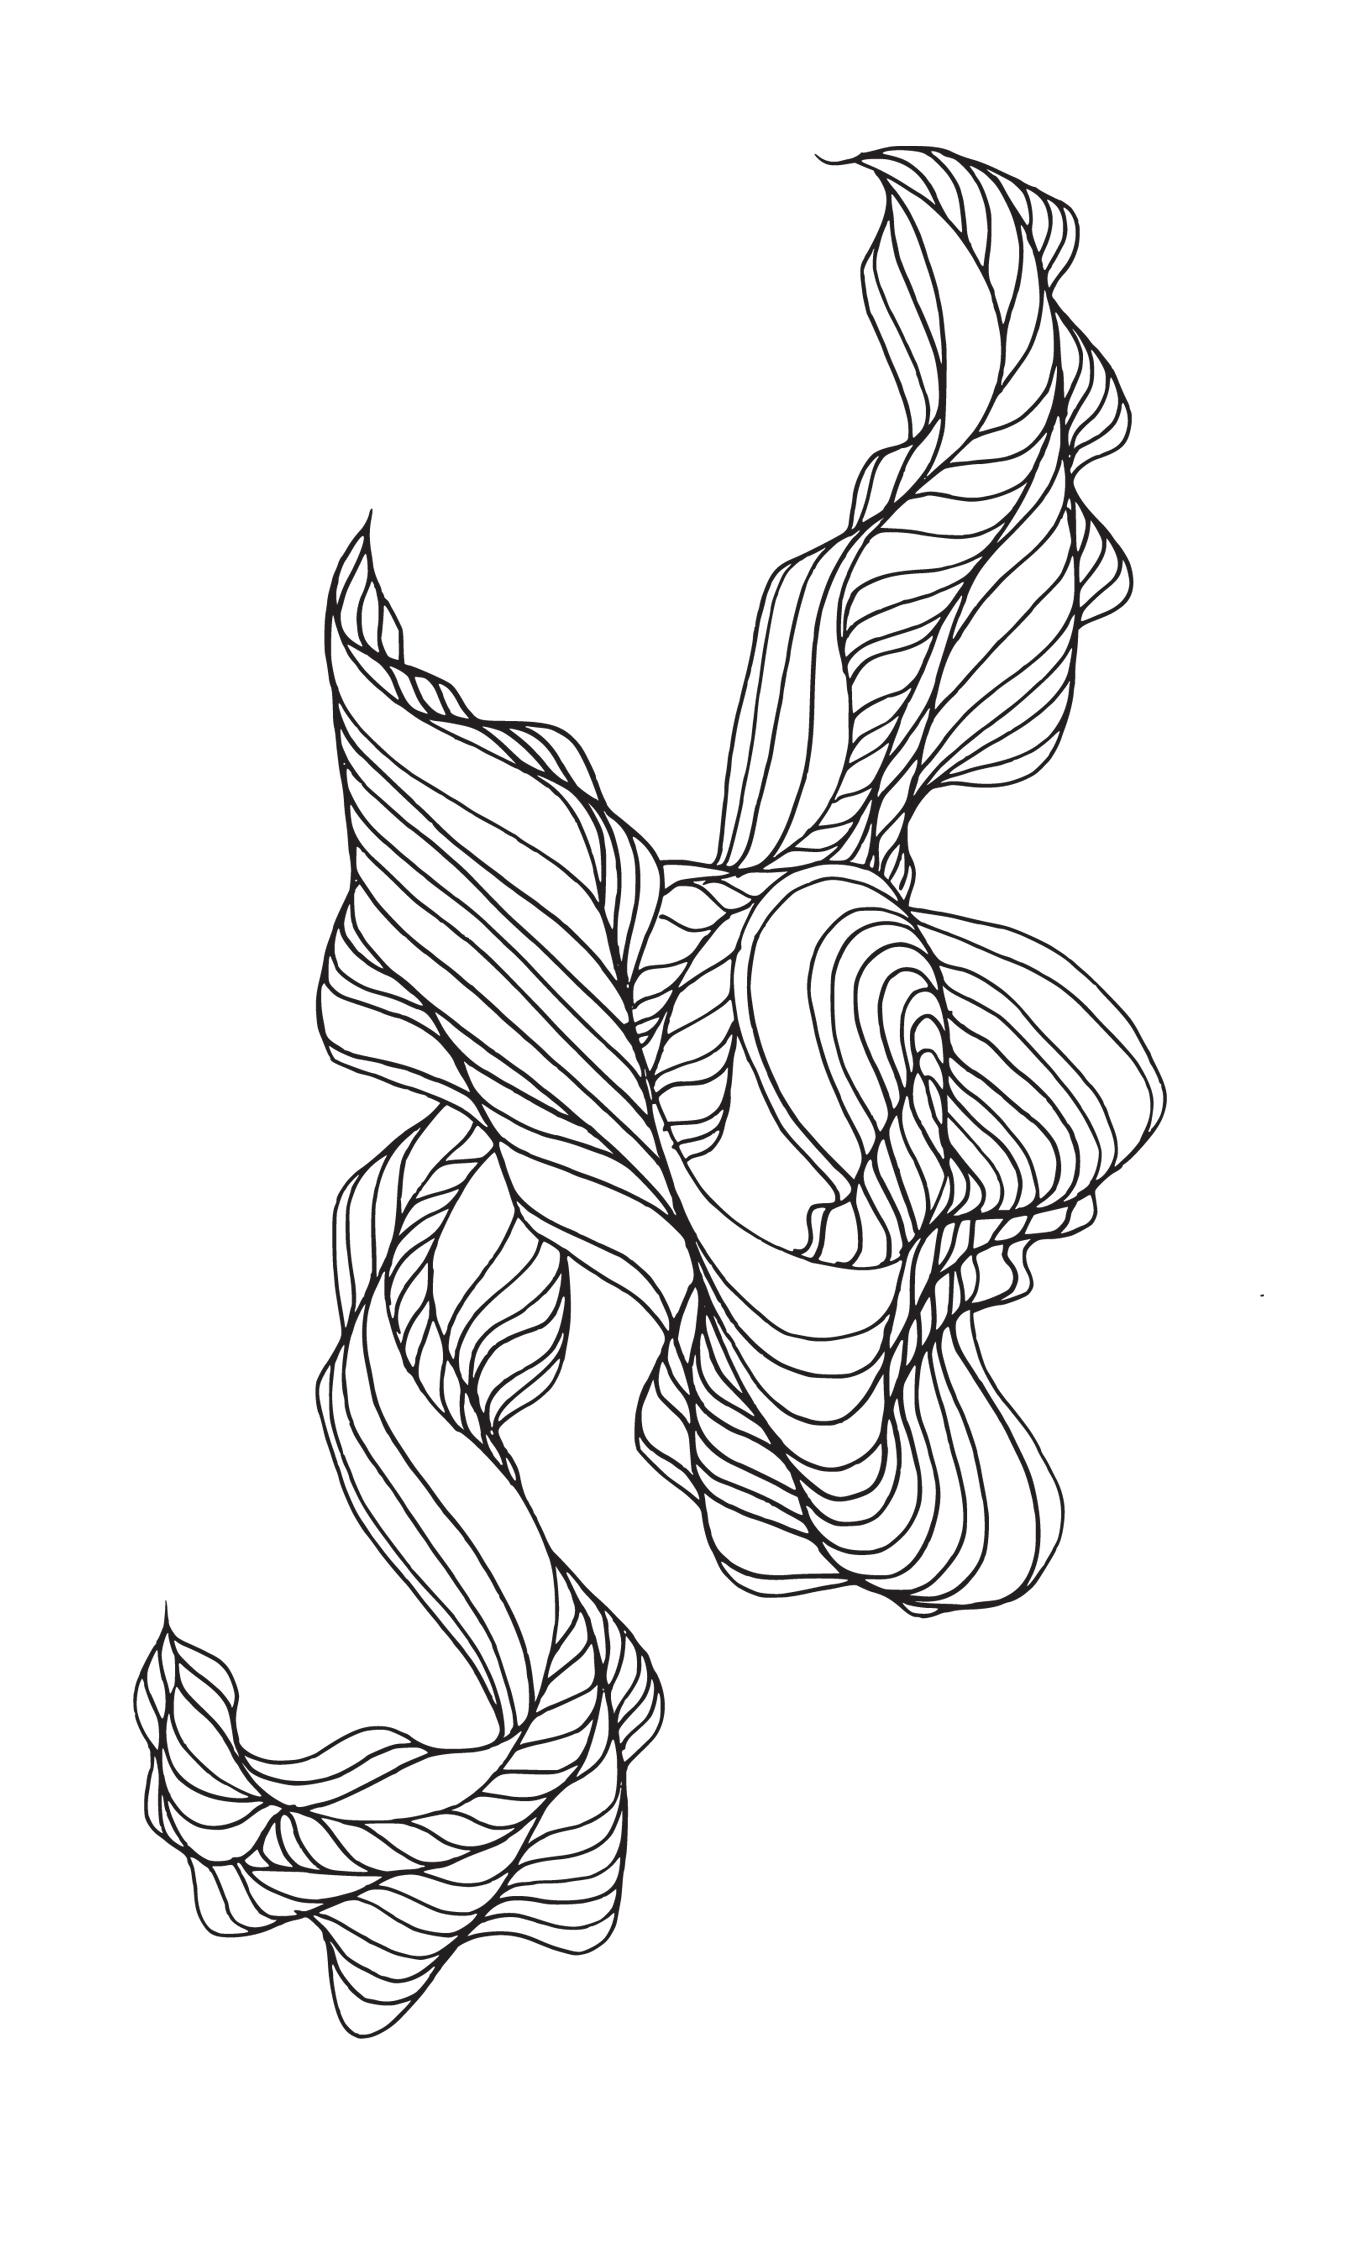 tmacstudio_doodle 11 copy.jpg